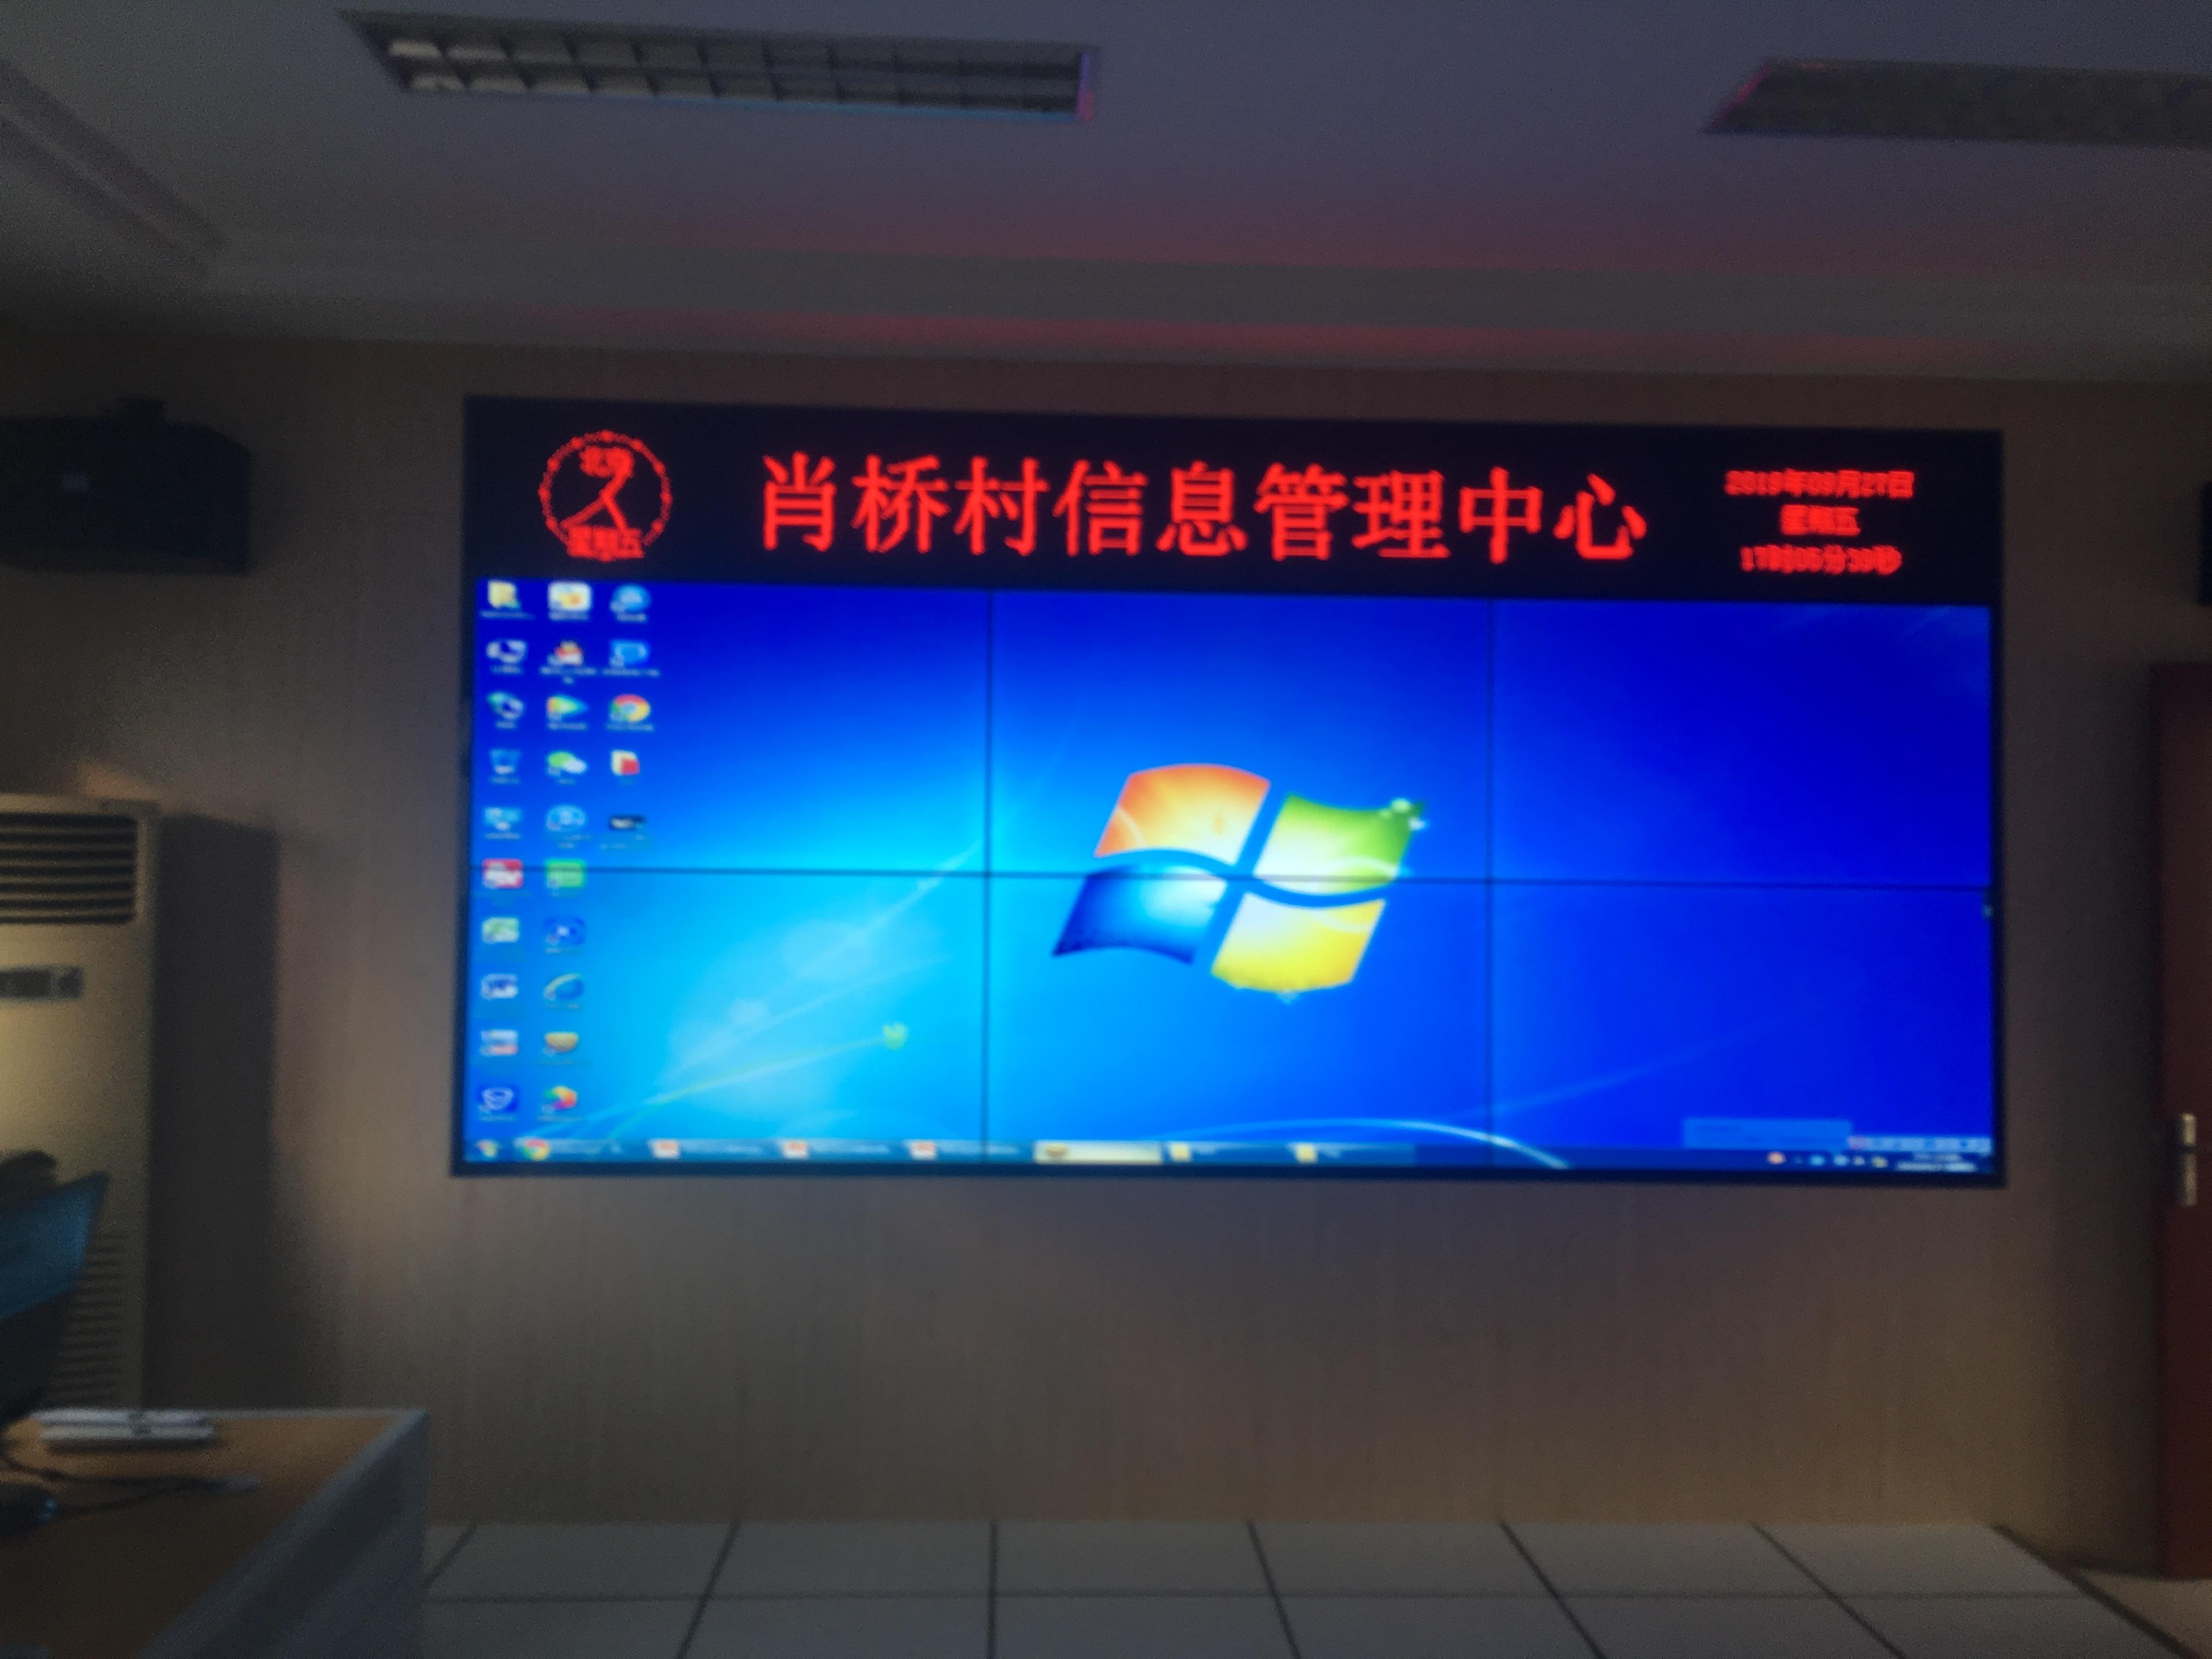 久屏显示55寸液晶拼接屏应用于江苏虞山镇信息管理中心